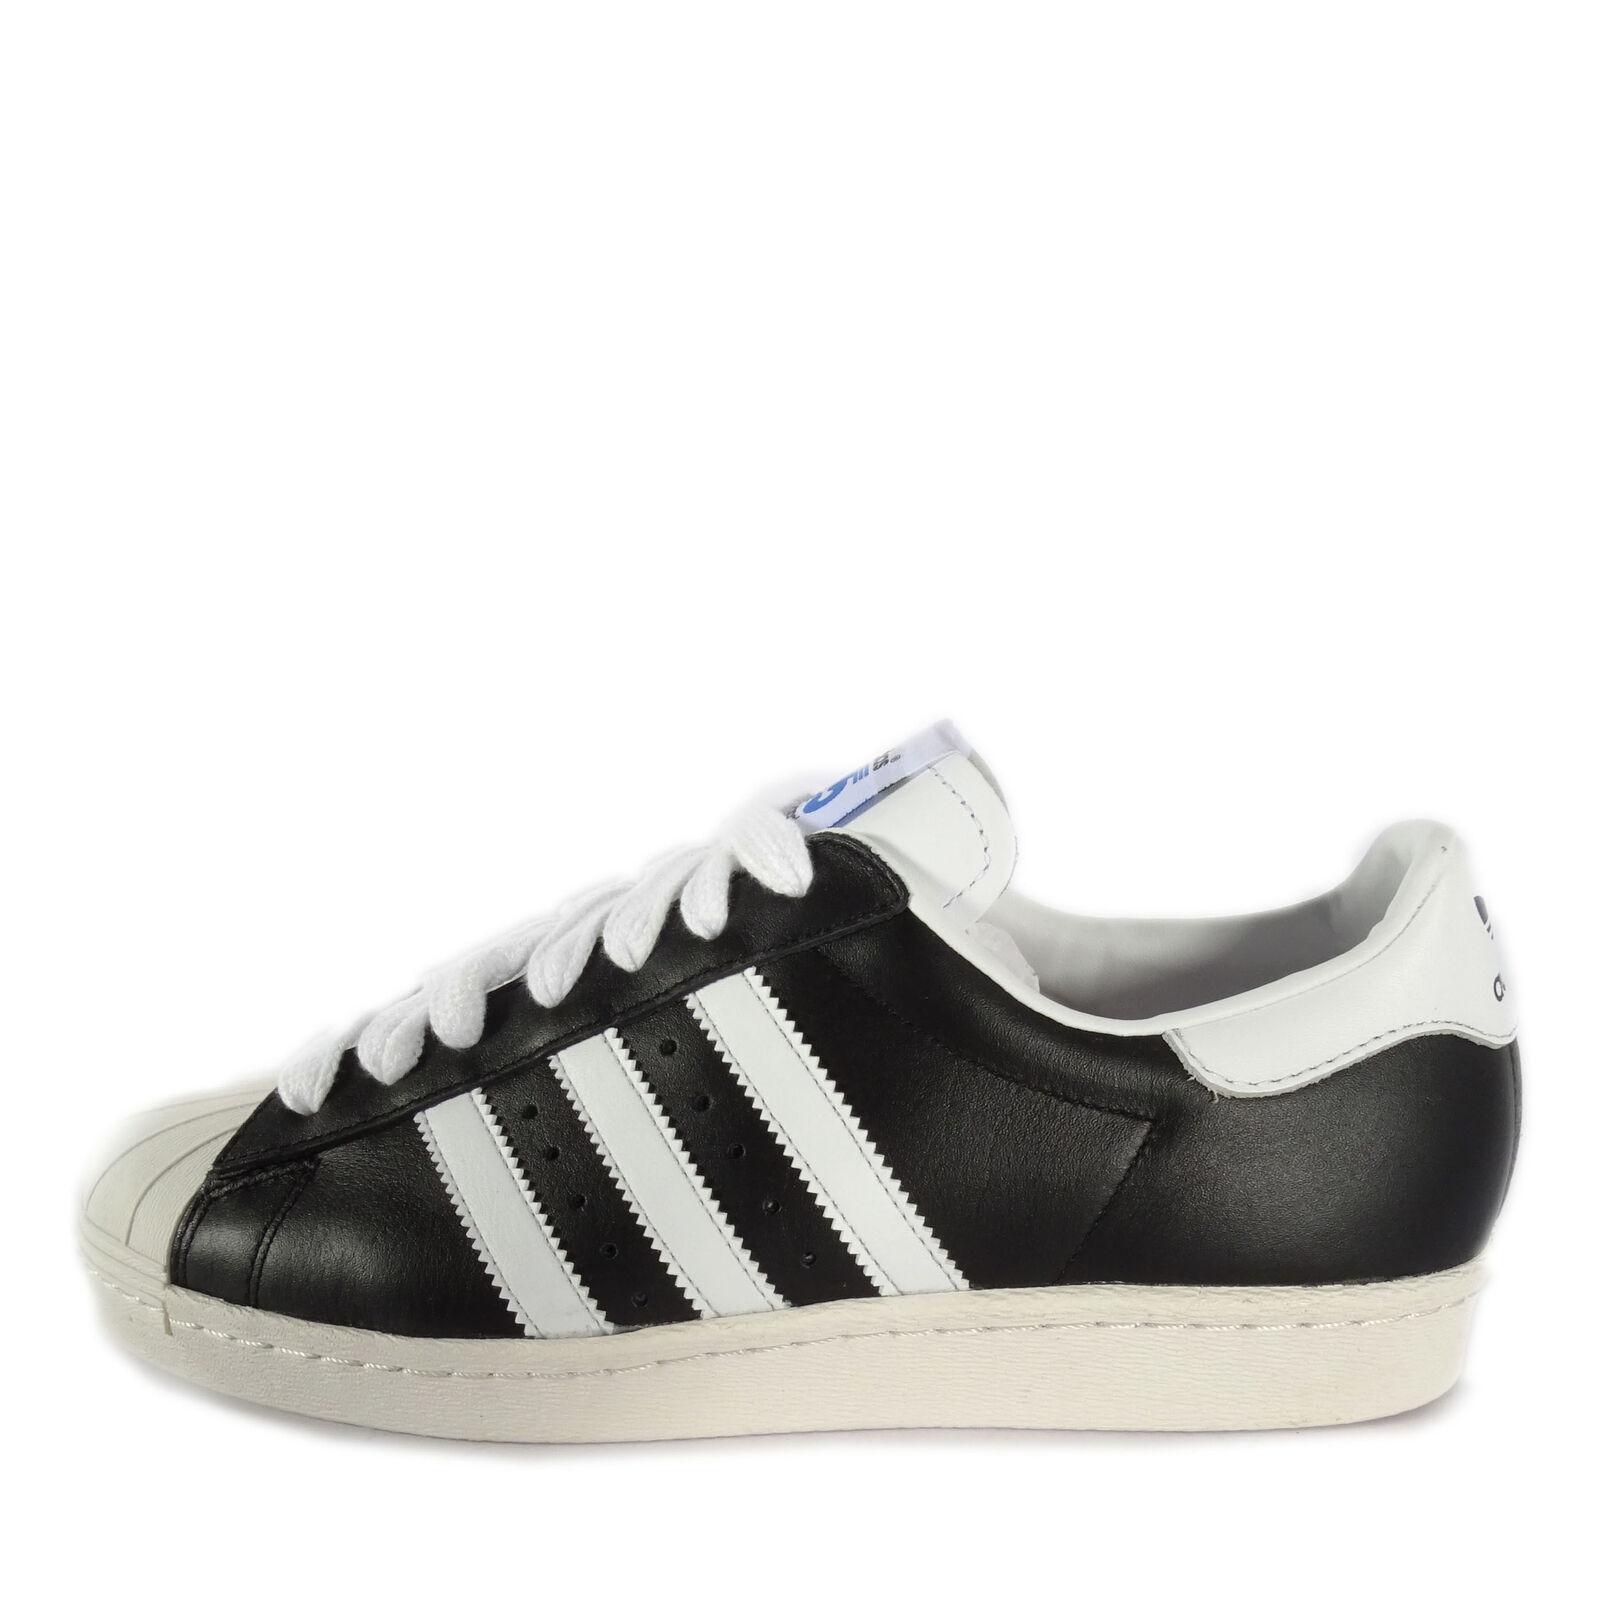 Adidas Originals Superstar 80S Nigo [M21510] Original Casual Black/White